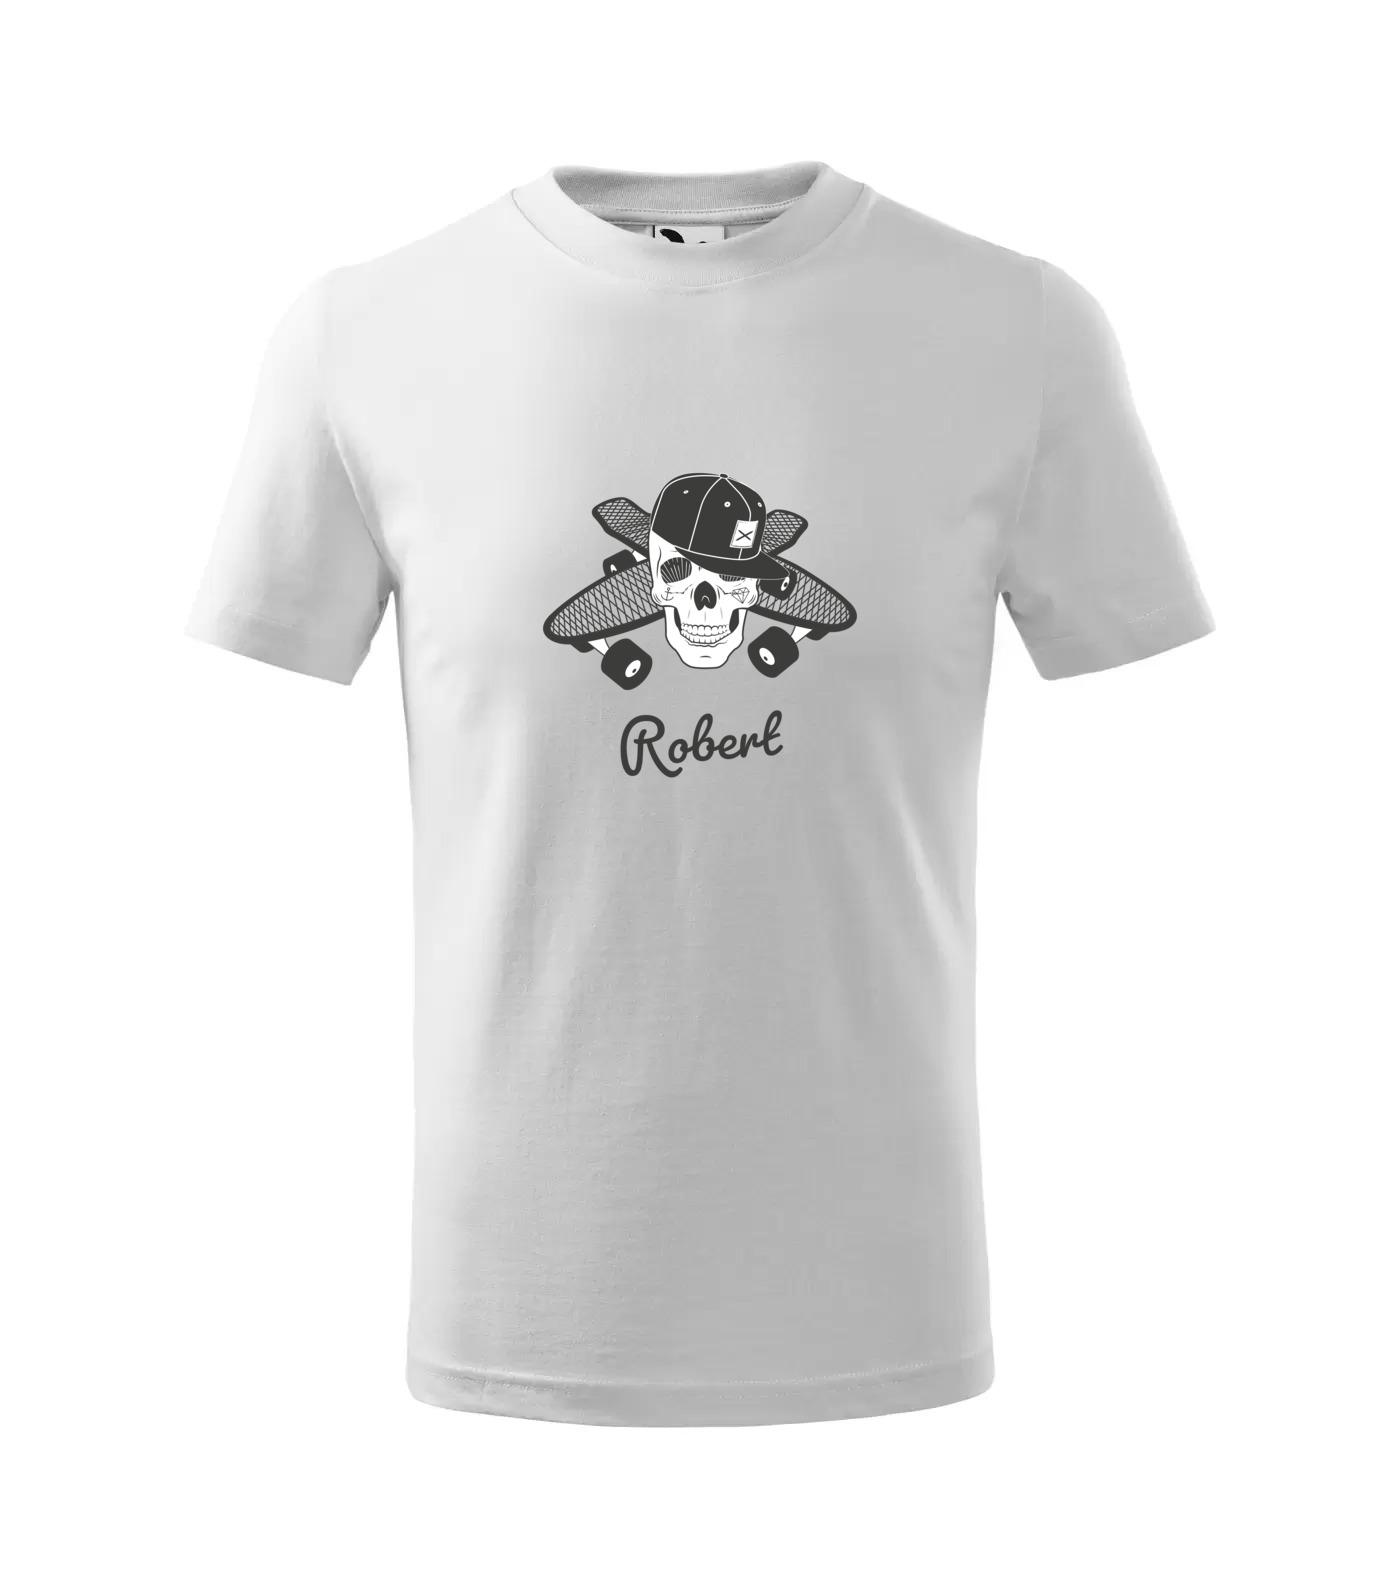 Tričko Skejťák Robert